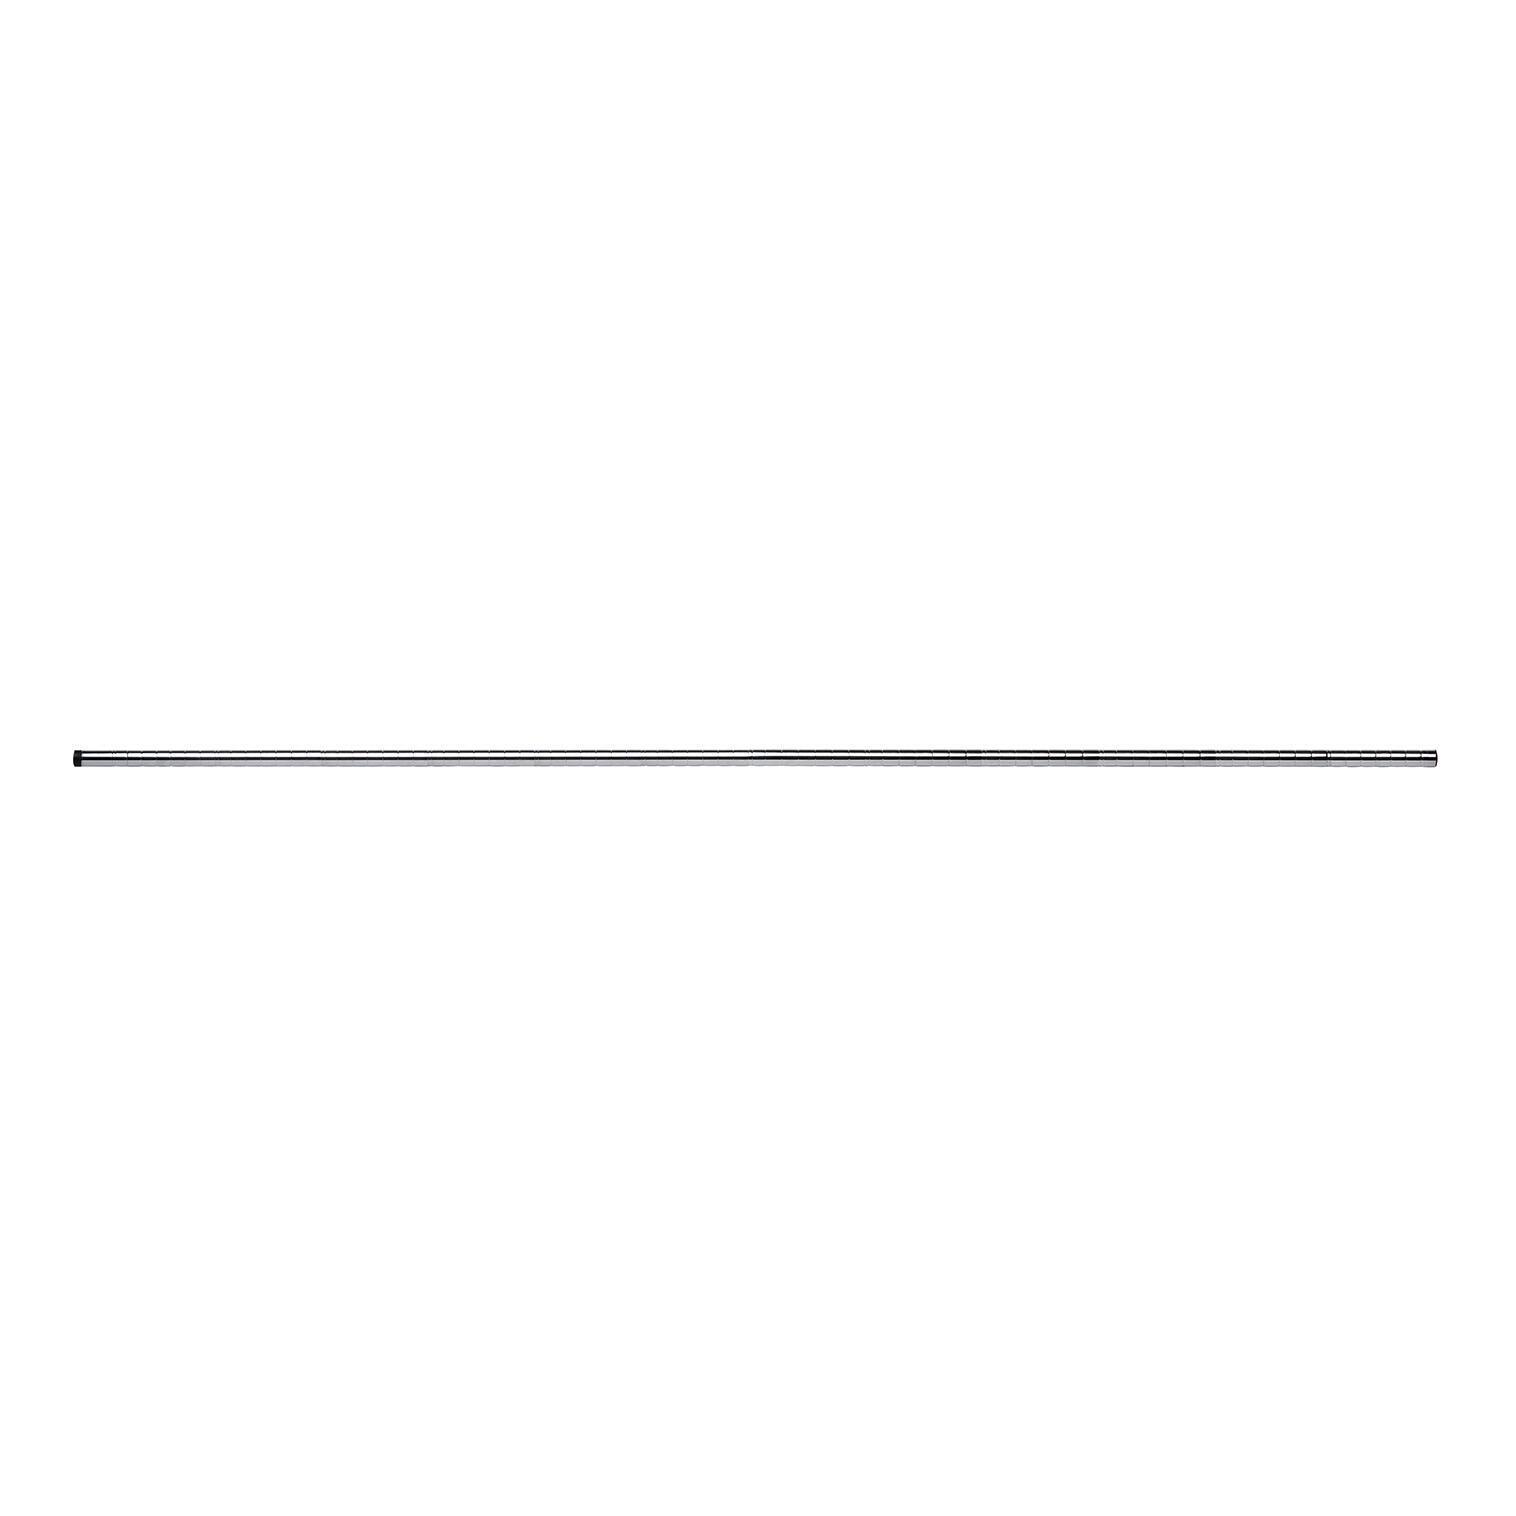 Ripiano in acciaio Spaceo Chrome Style+ L 220 x H 2.5 x Sp 25 cm grigio / argento cromato